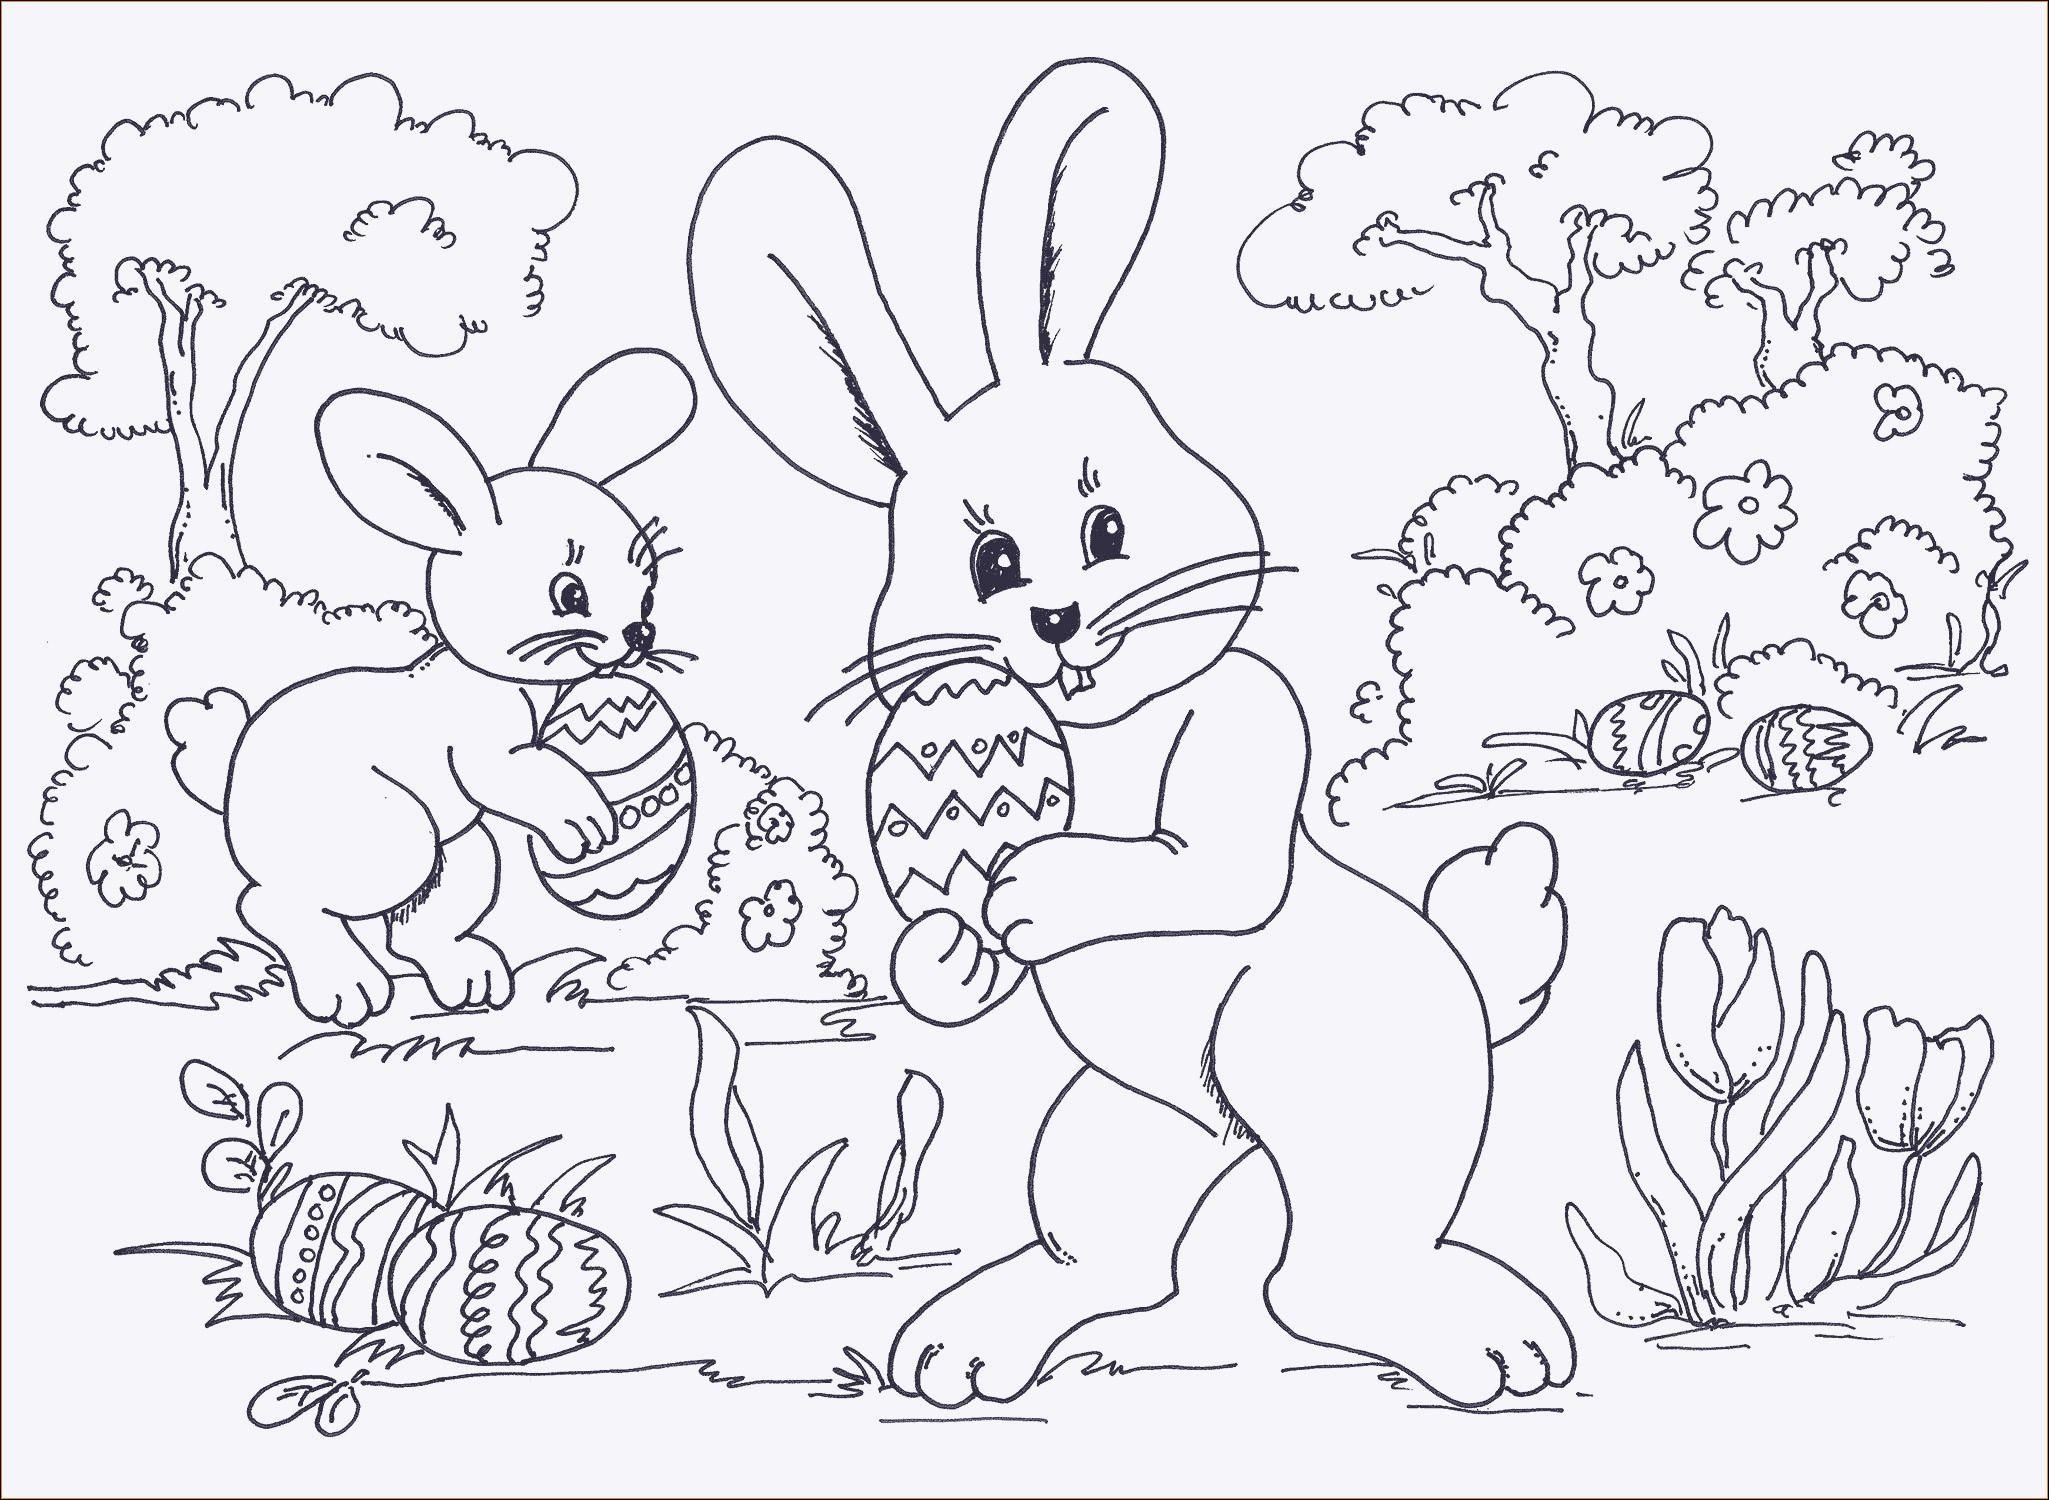 Ausmalbilder Ostern Hase Inspirierend Ausmalbilder Ostern Kostenlos Ausdrucken Schön Ausmalbilder Zum Bild